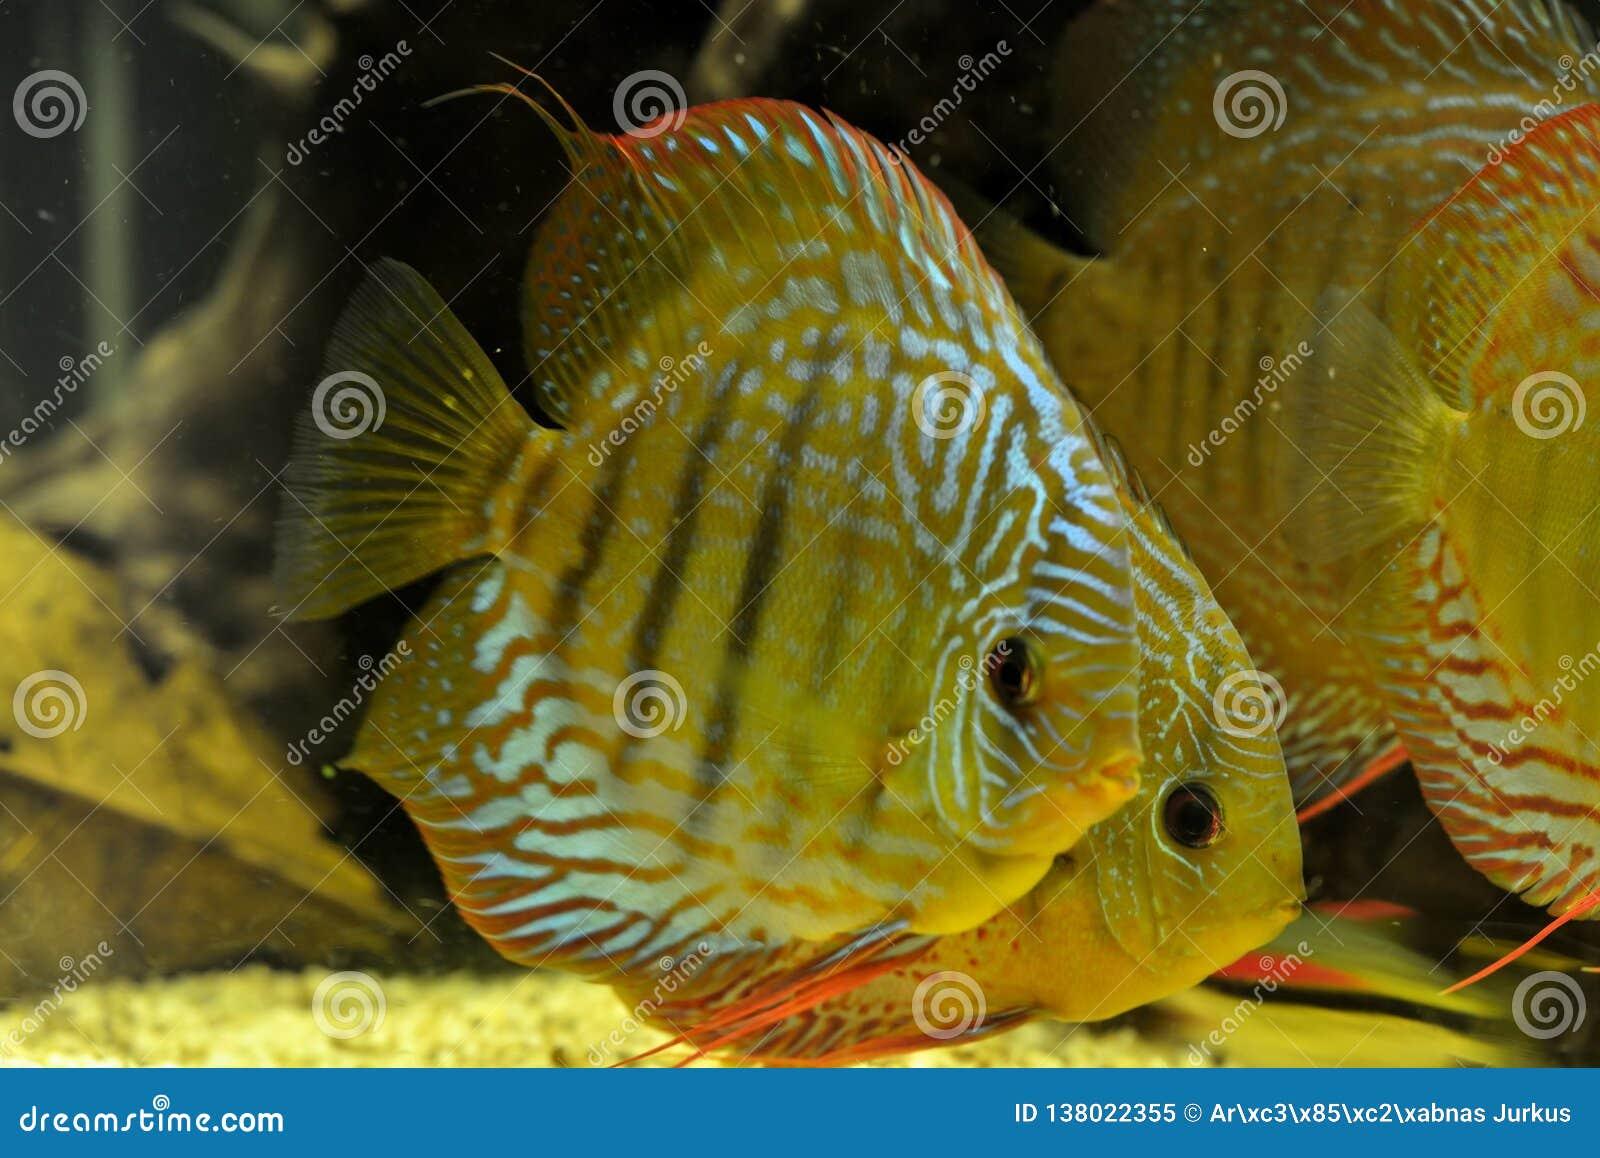 Diskus-Fische Symphysodon Aequifasciatus im Aquarium